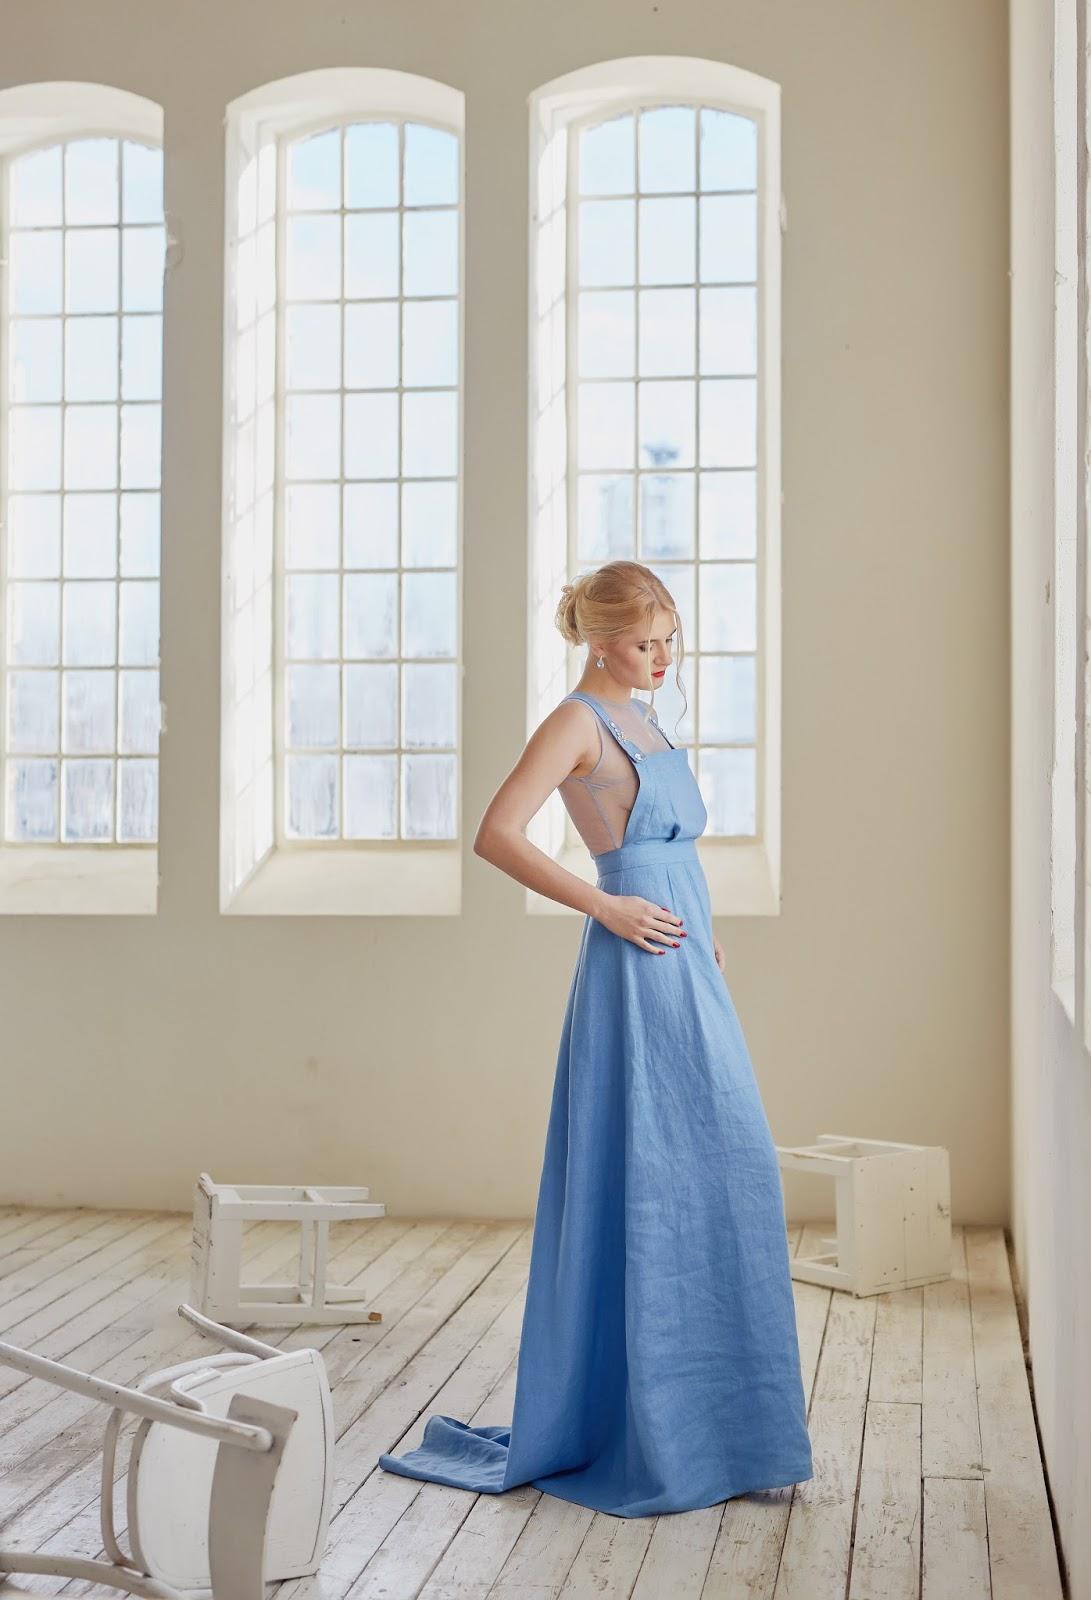 Платье для особых случаев: женственность, романтизм и элегантность